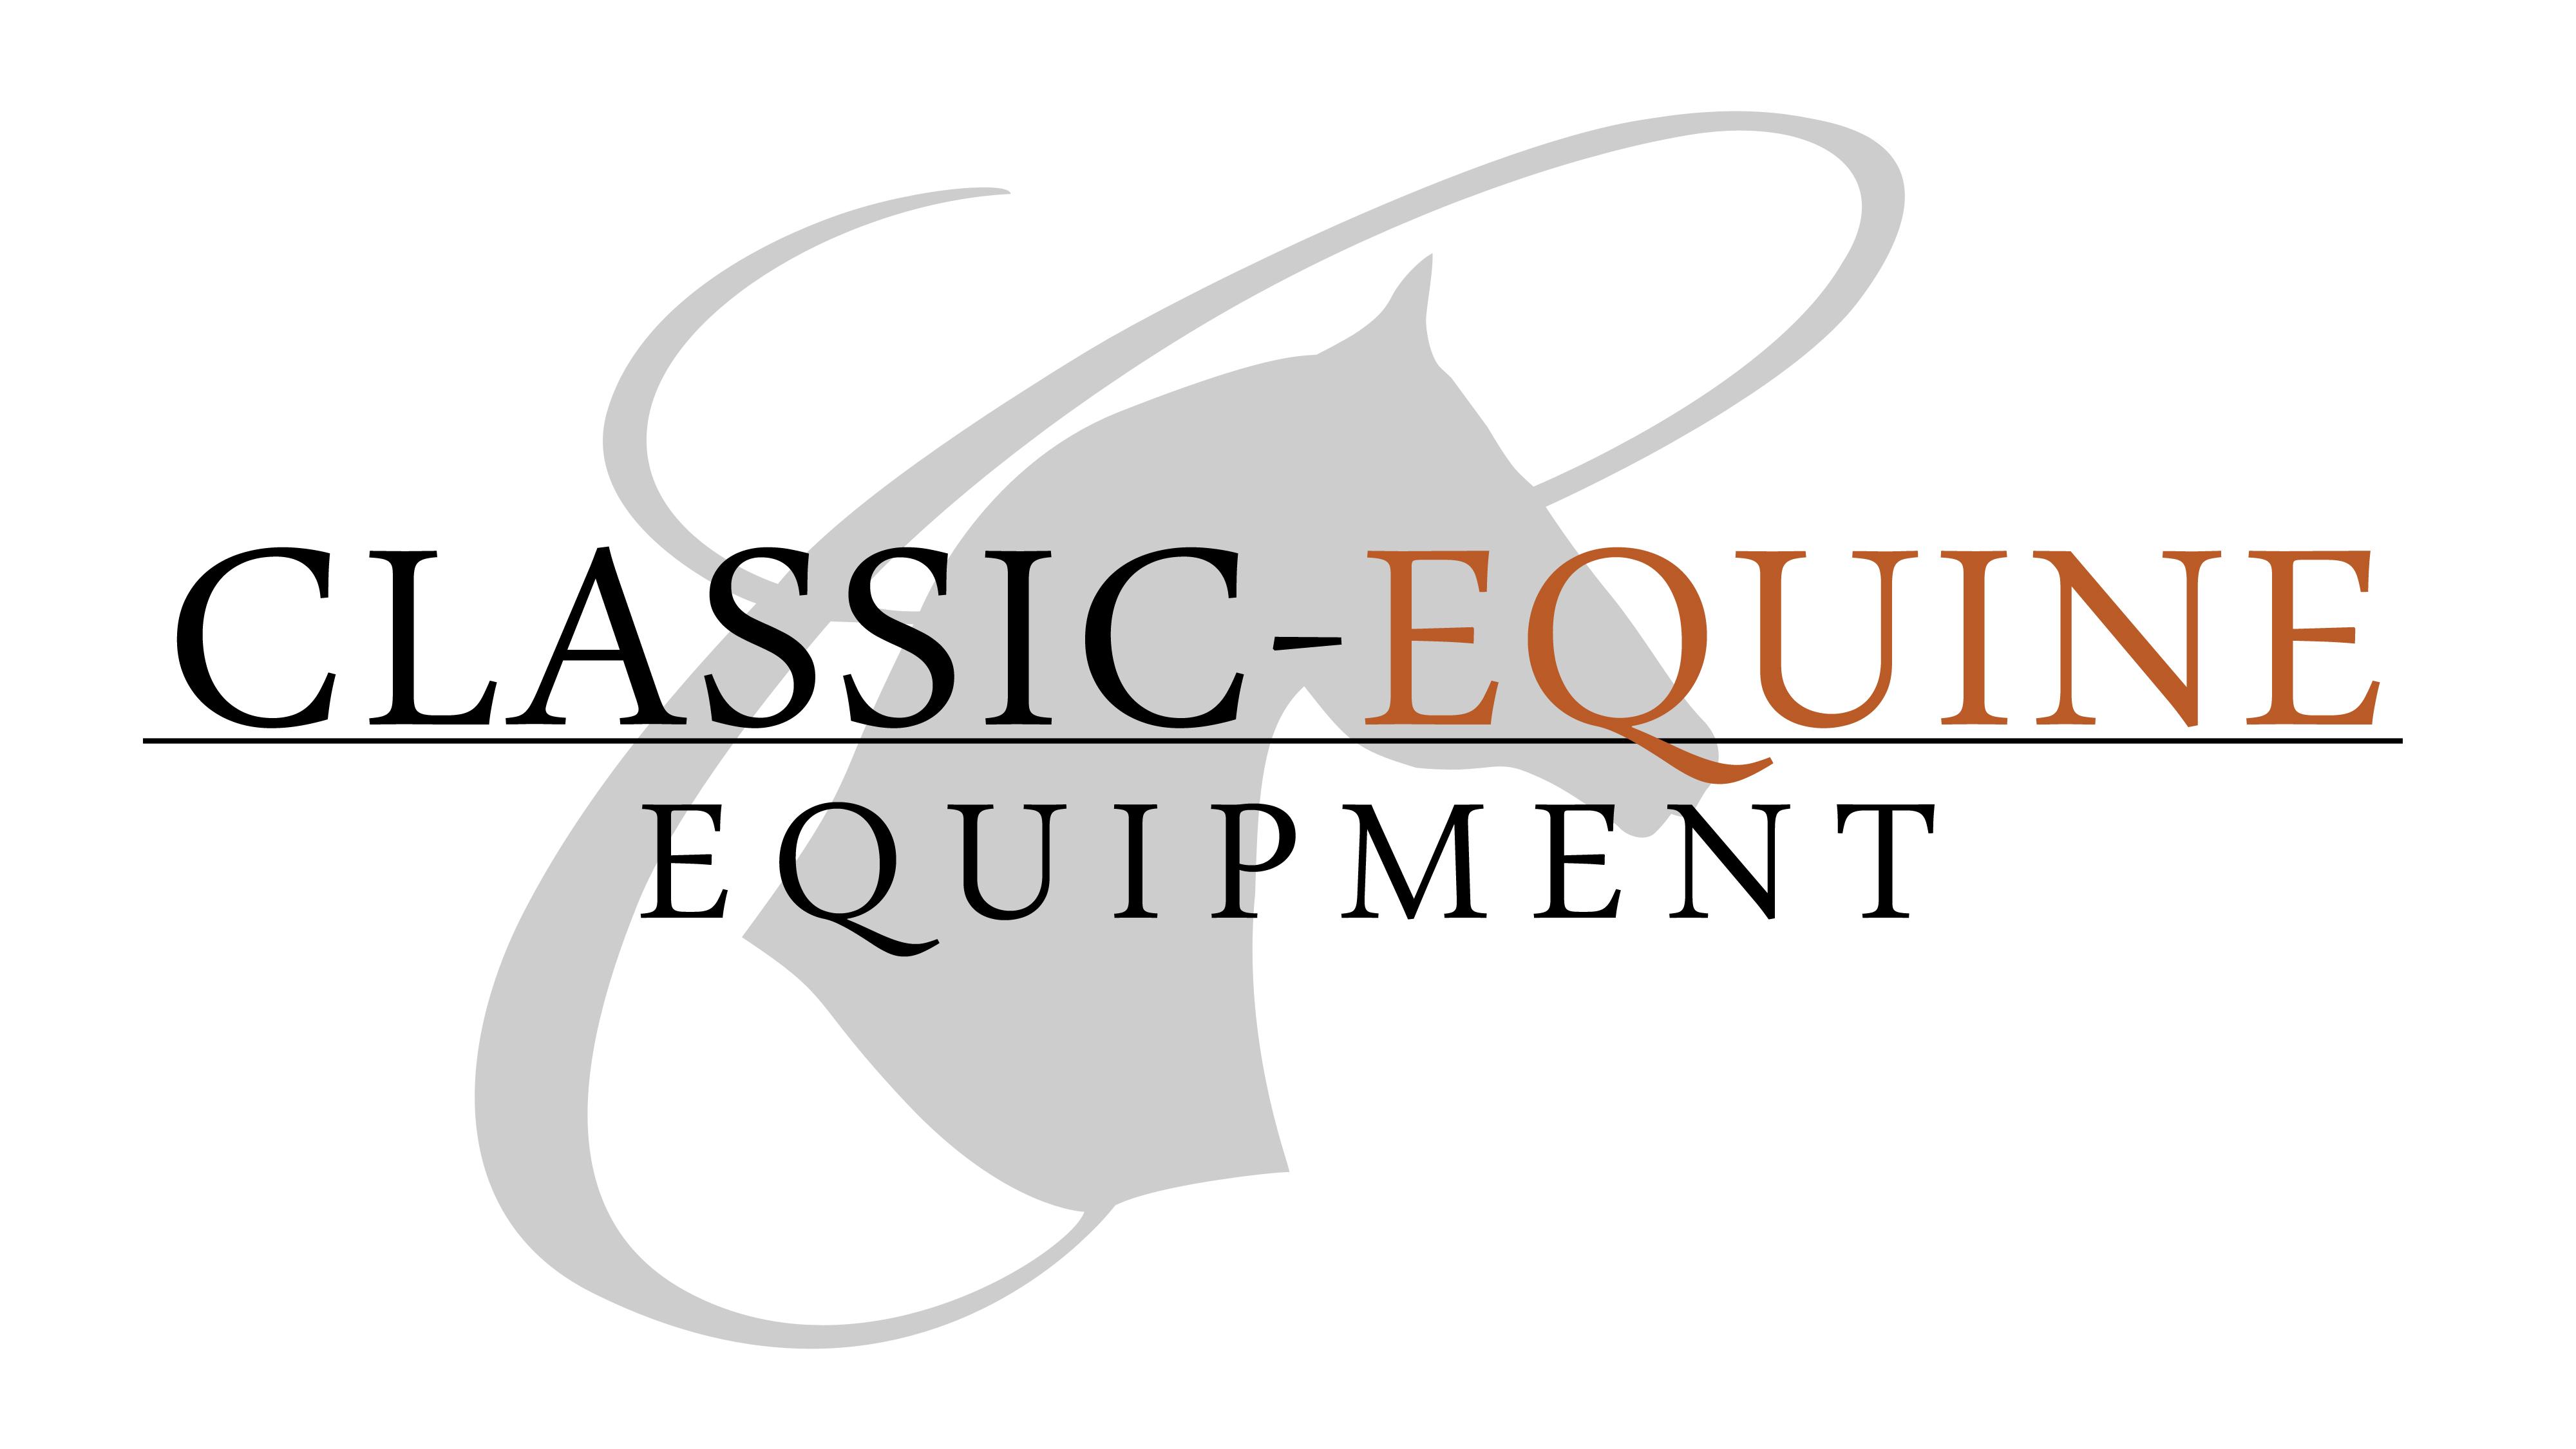 ClassicEquineEquipment